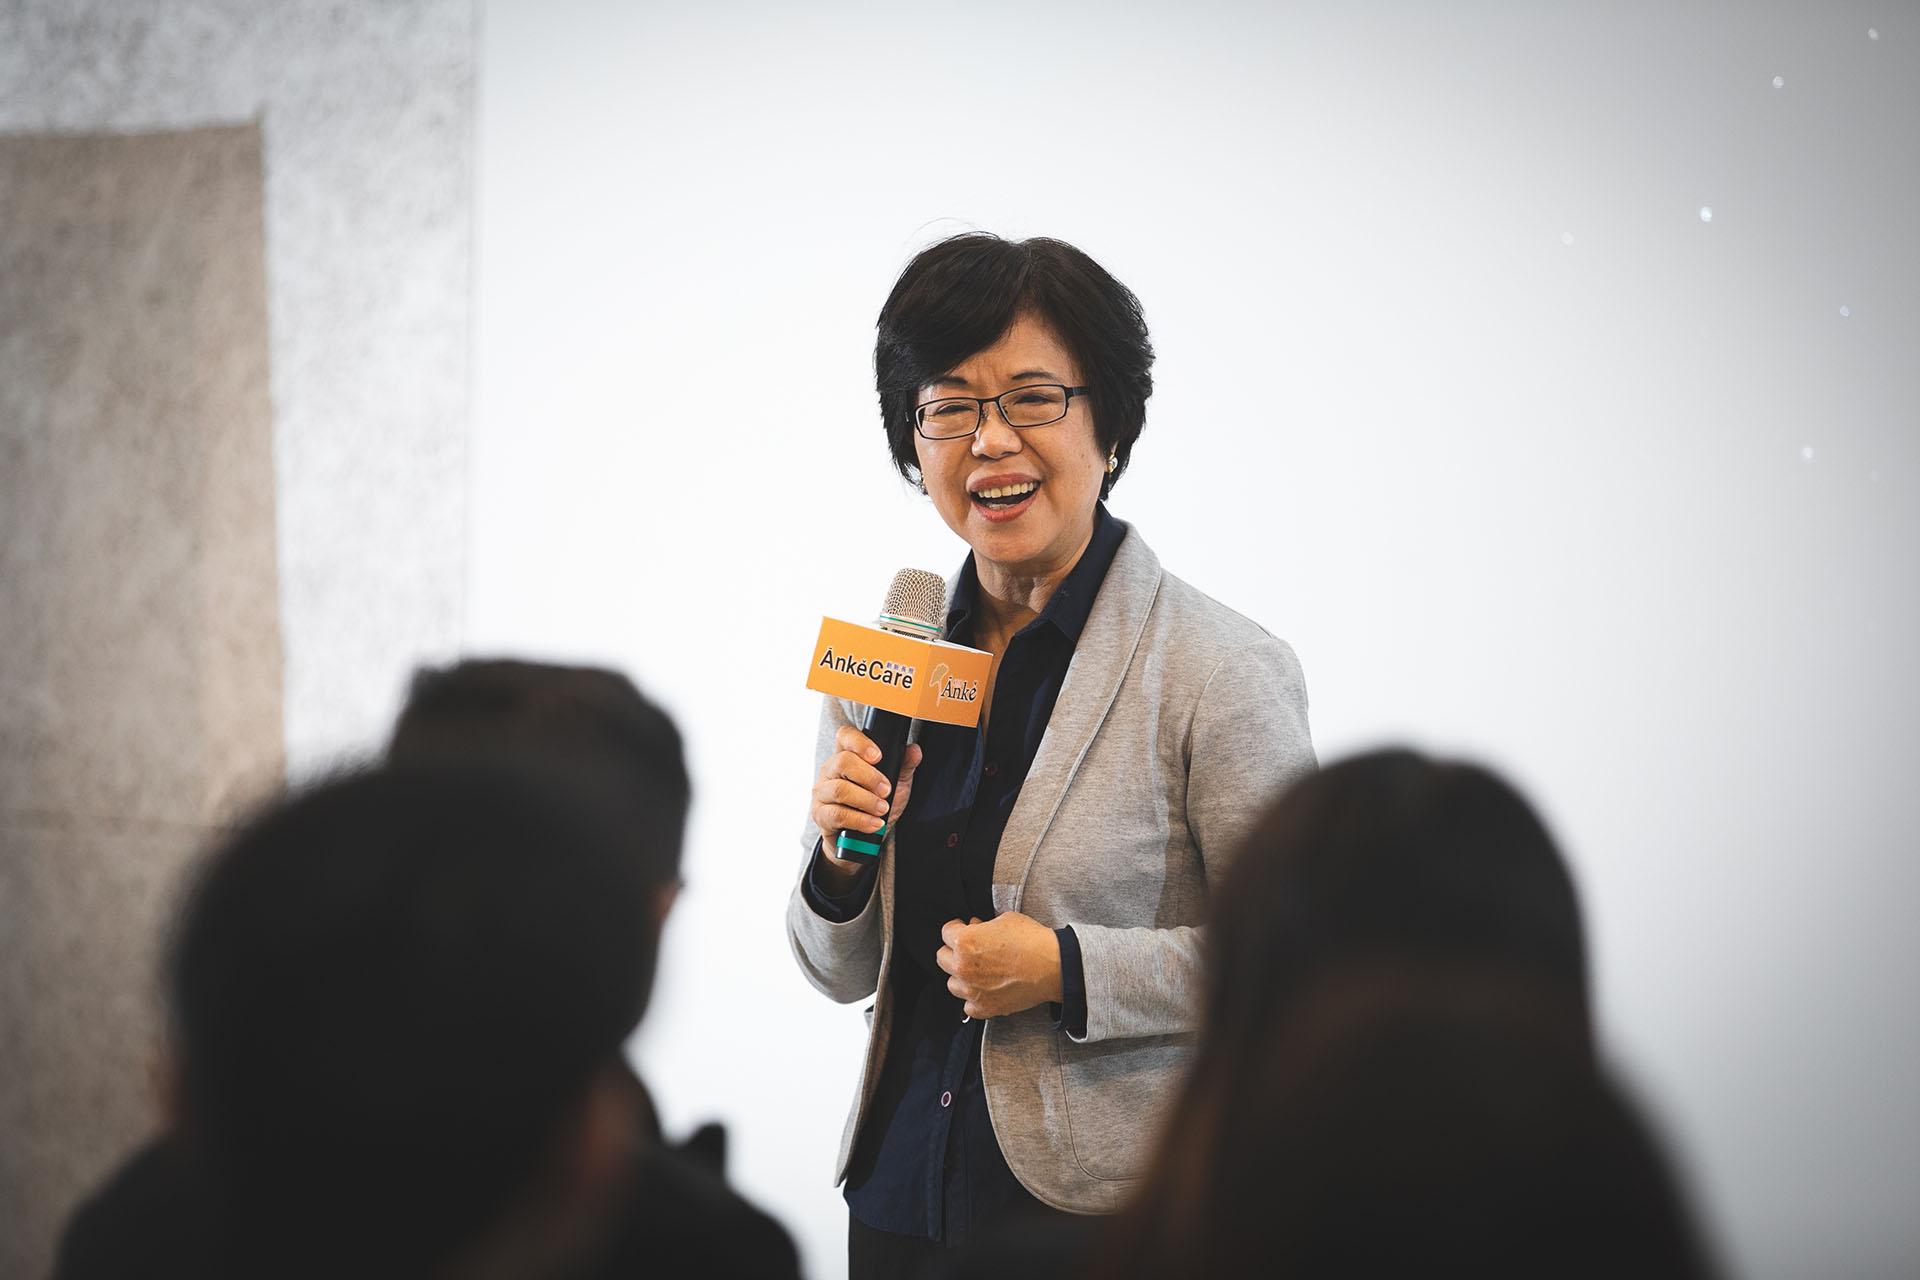 中華民國博物館學會友善平權委員會主委王長華致詞時則表示,很高興能和《安可人生》共同推動藝術共融、創意高齡。